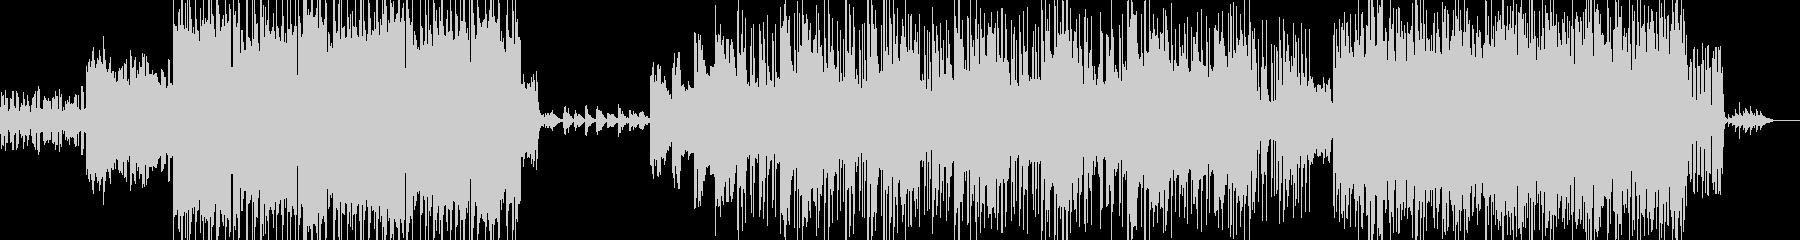 Xmasの夜に聴きたいバラードインストの未再生の波形